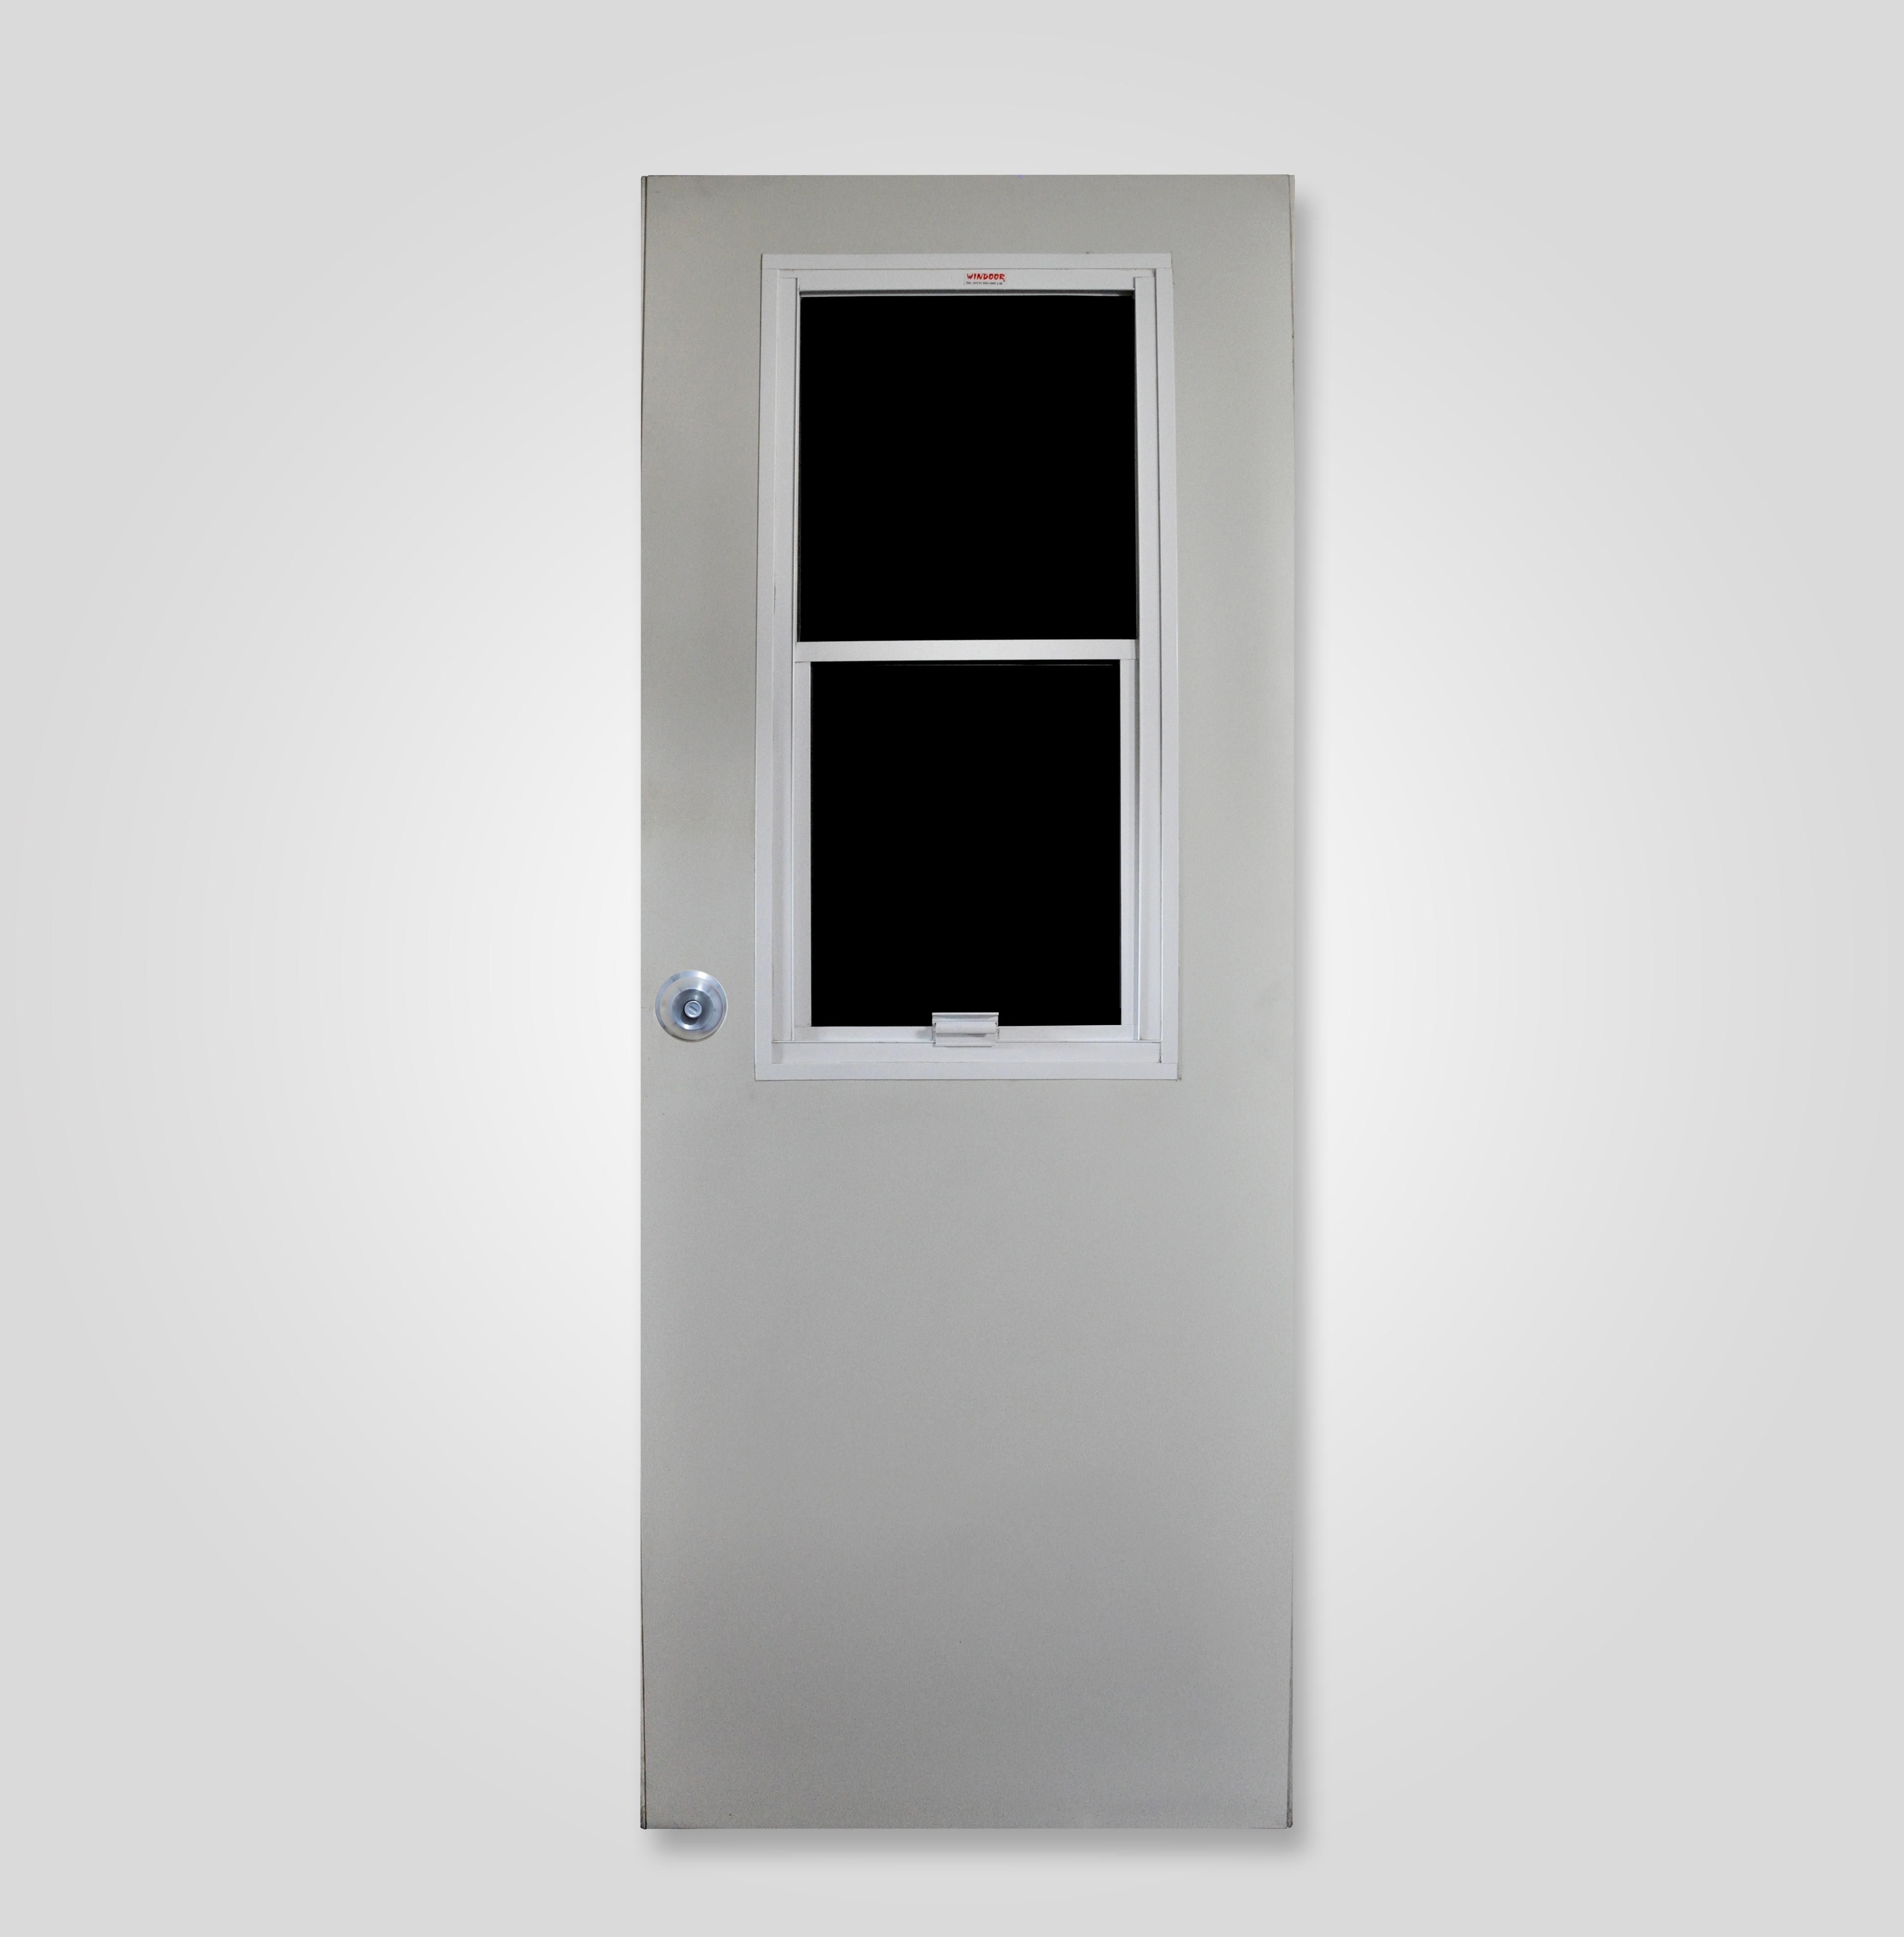 https://0201.nccdn.net/1_2/000/000/0d2/2cf/puerta-metalica-4-4214x4288.jpg